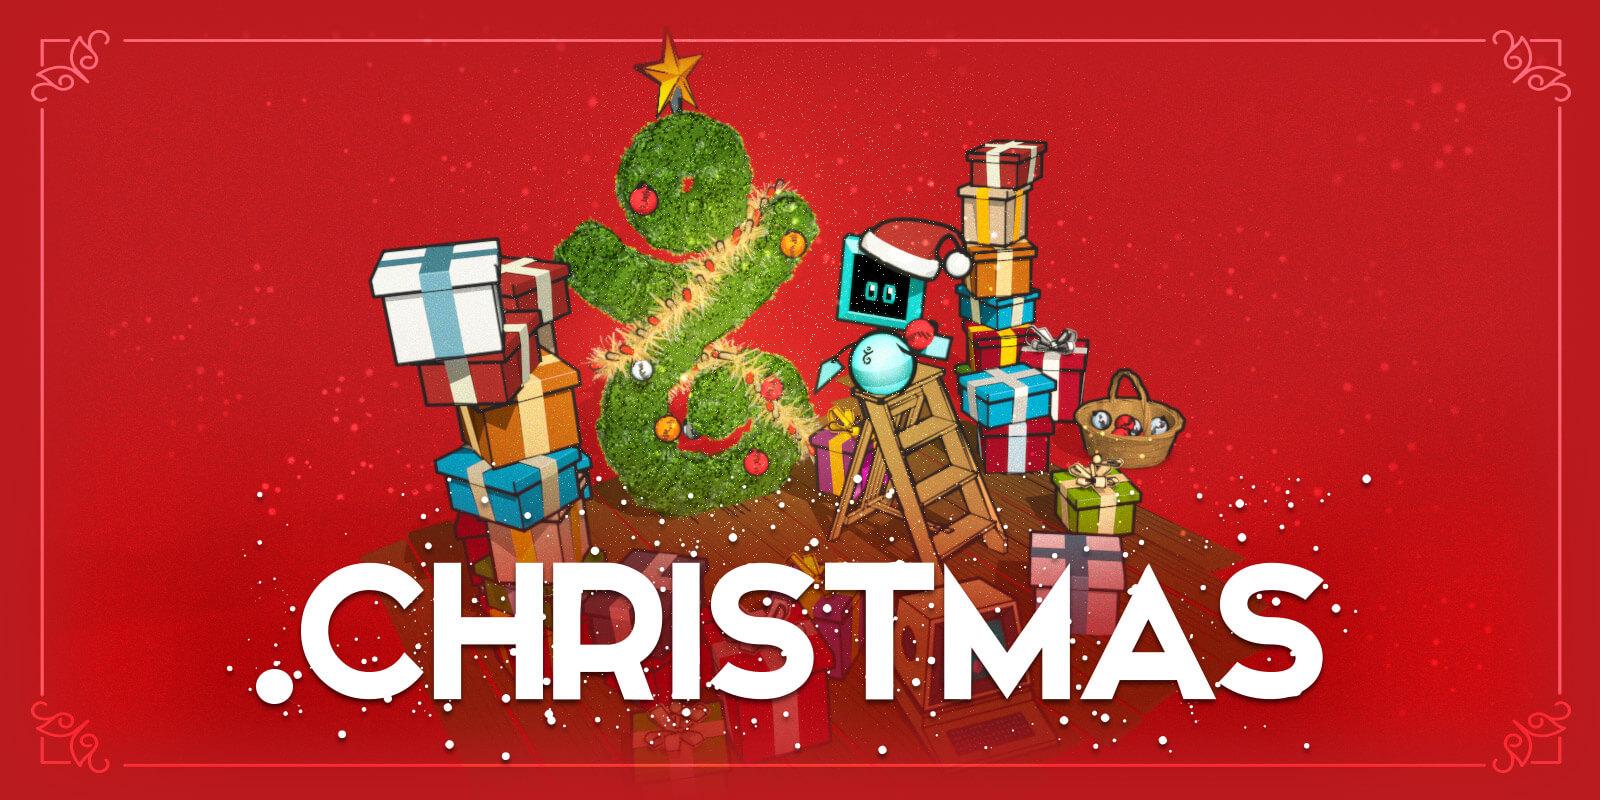 ¡Celebremos la temporada Navideña este año con .Christmas!